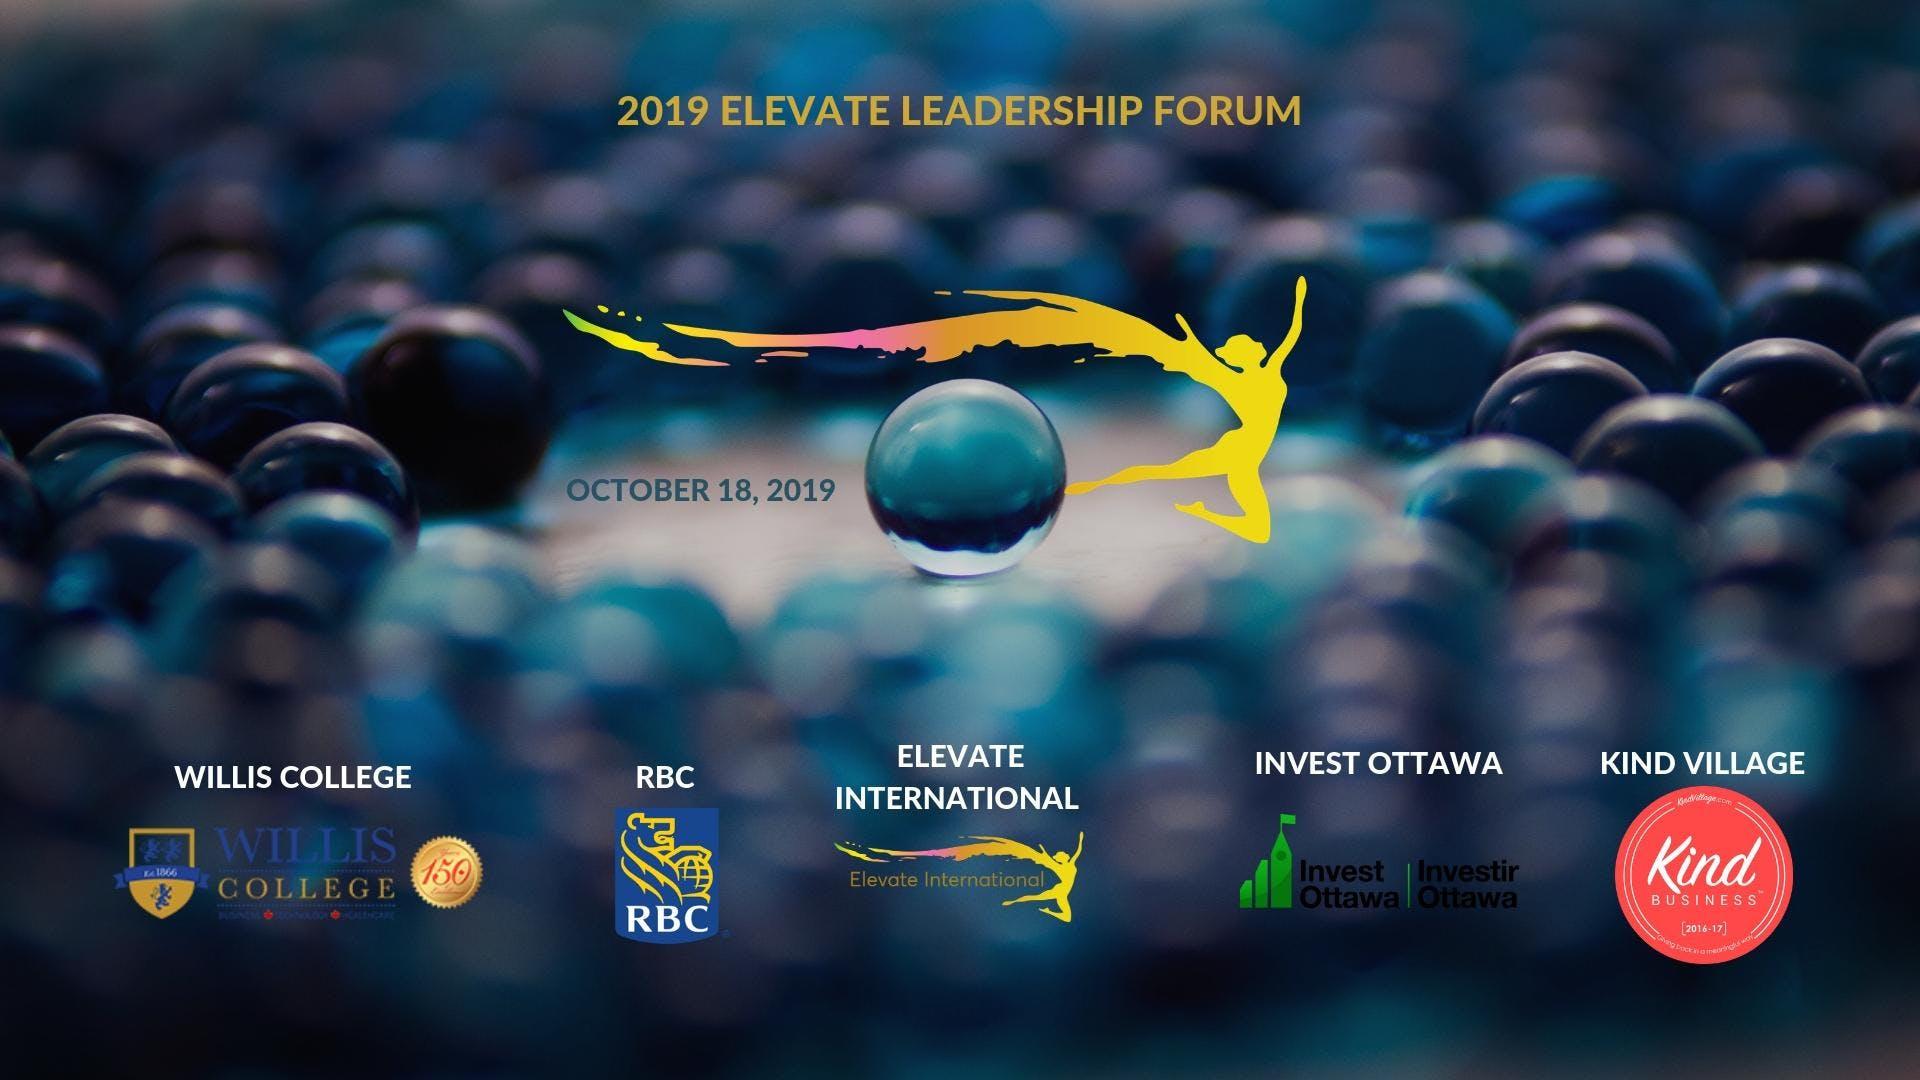 2019 Elevate Leadership Forum